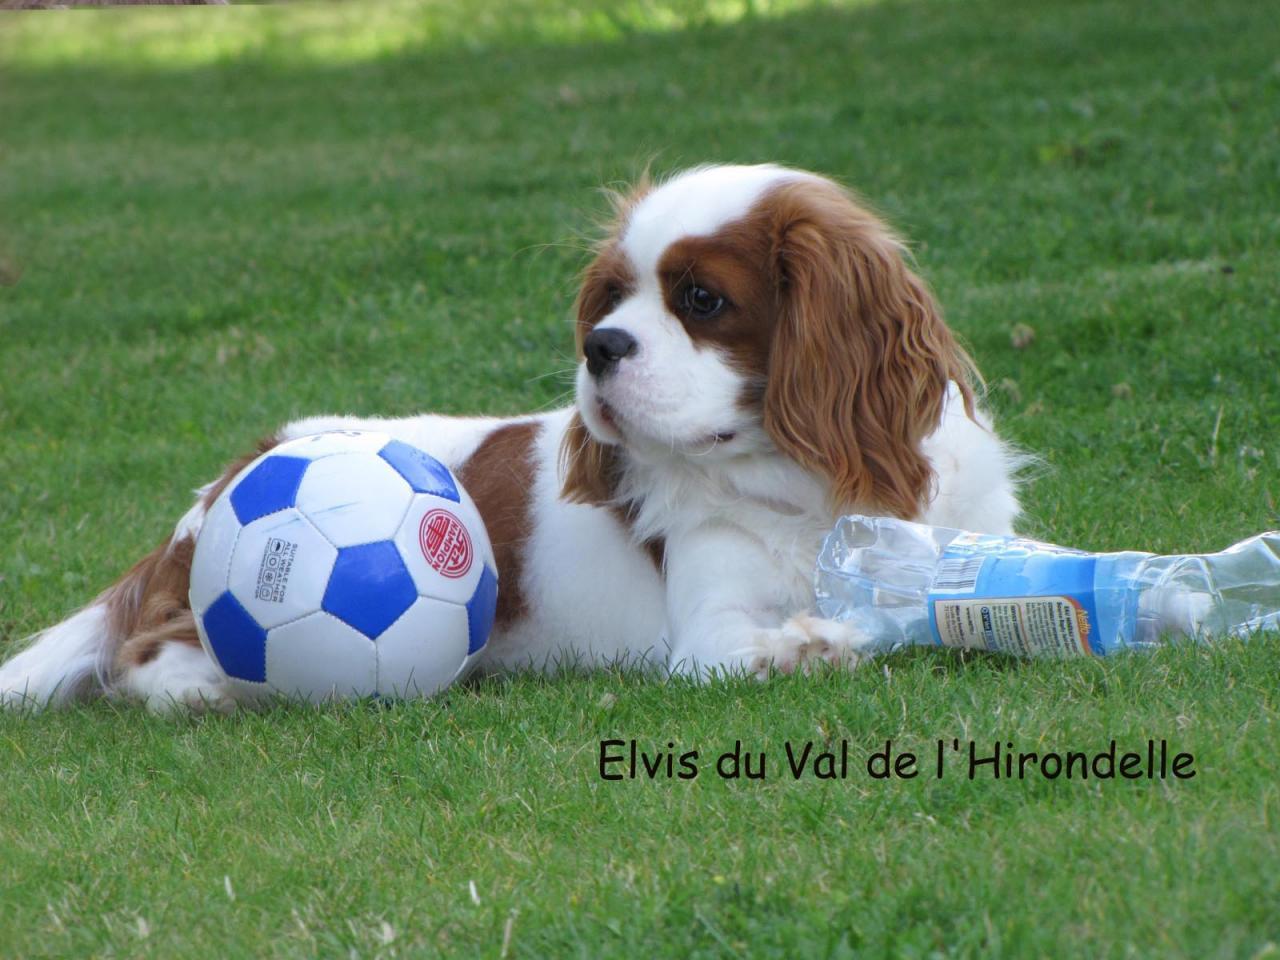 Elvis du Val de l'Hirondelle